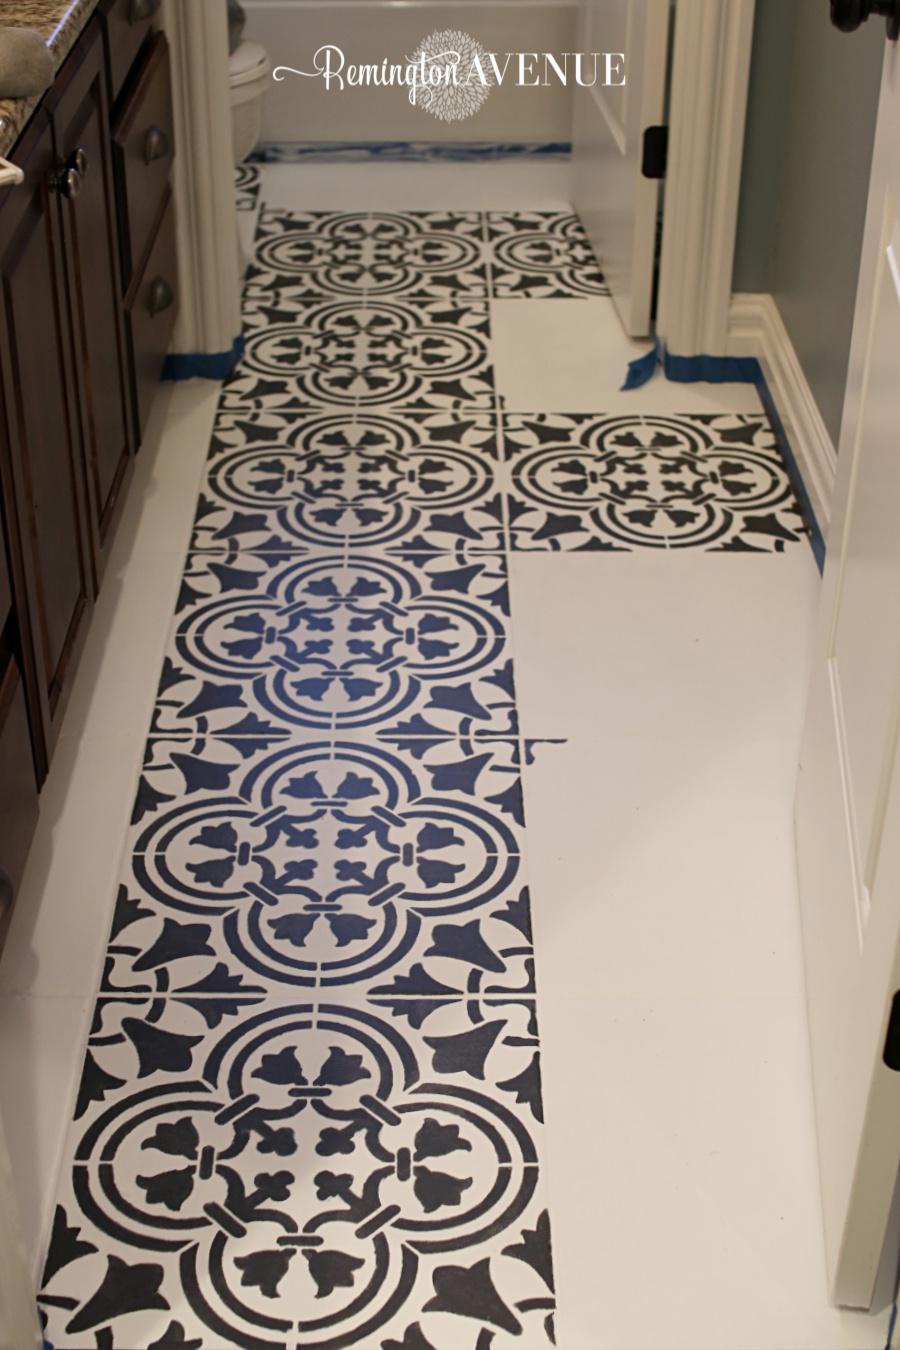 How To Paint Stencil Tile Remington Avenue